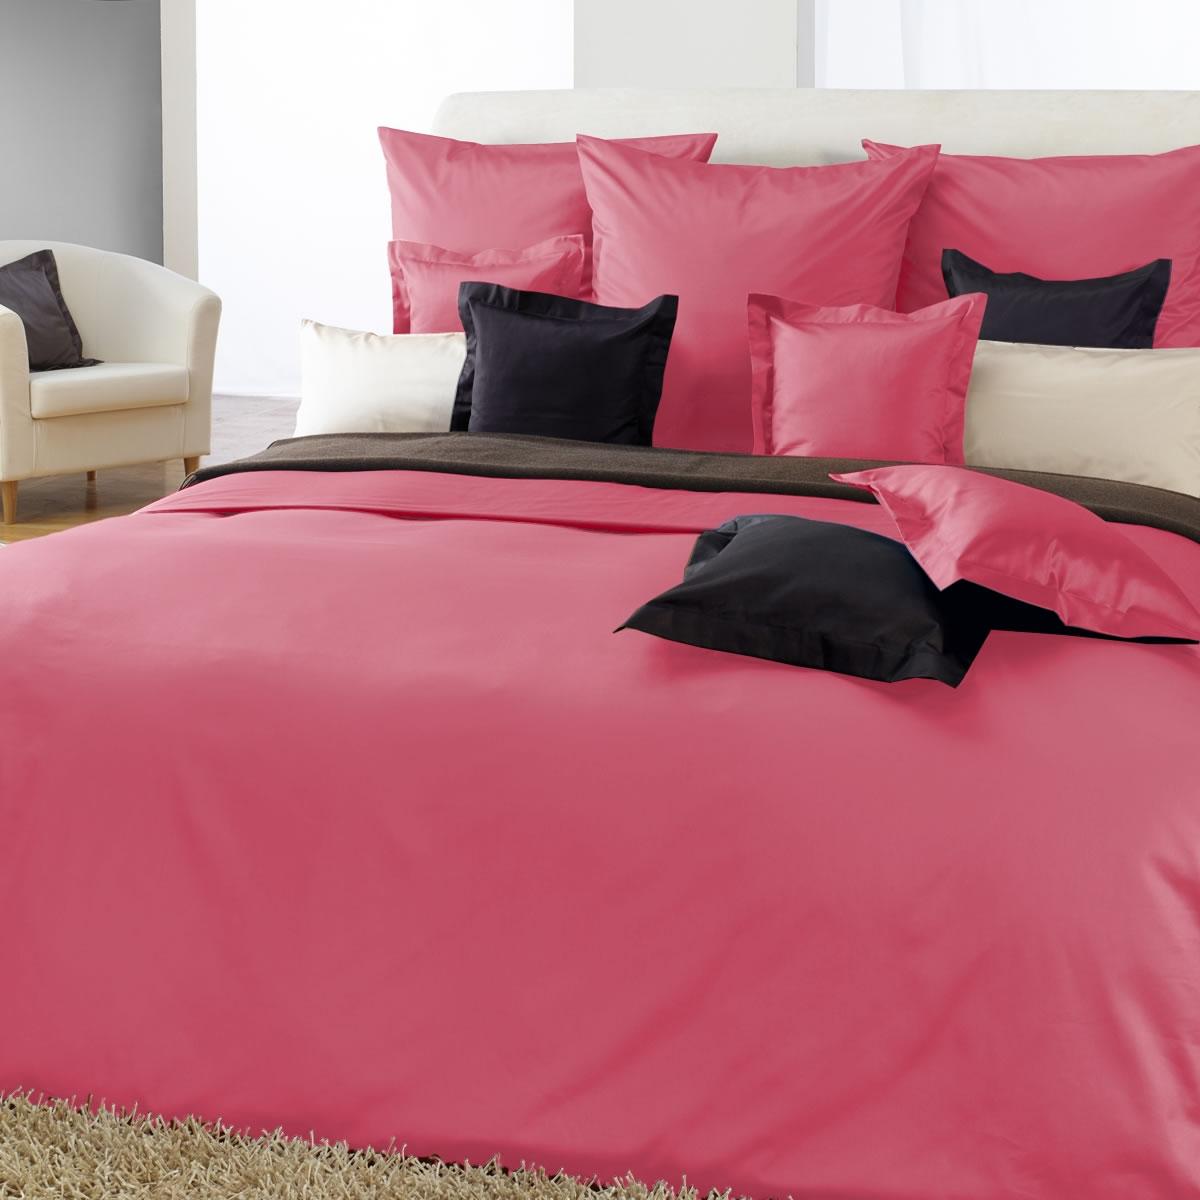 curt bauer uni mako satin bettw sche programm in 240x220 cm 100 baumwolle ebay. Black Bedroom Furniture Sets. Home Design Ideas